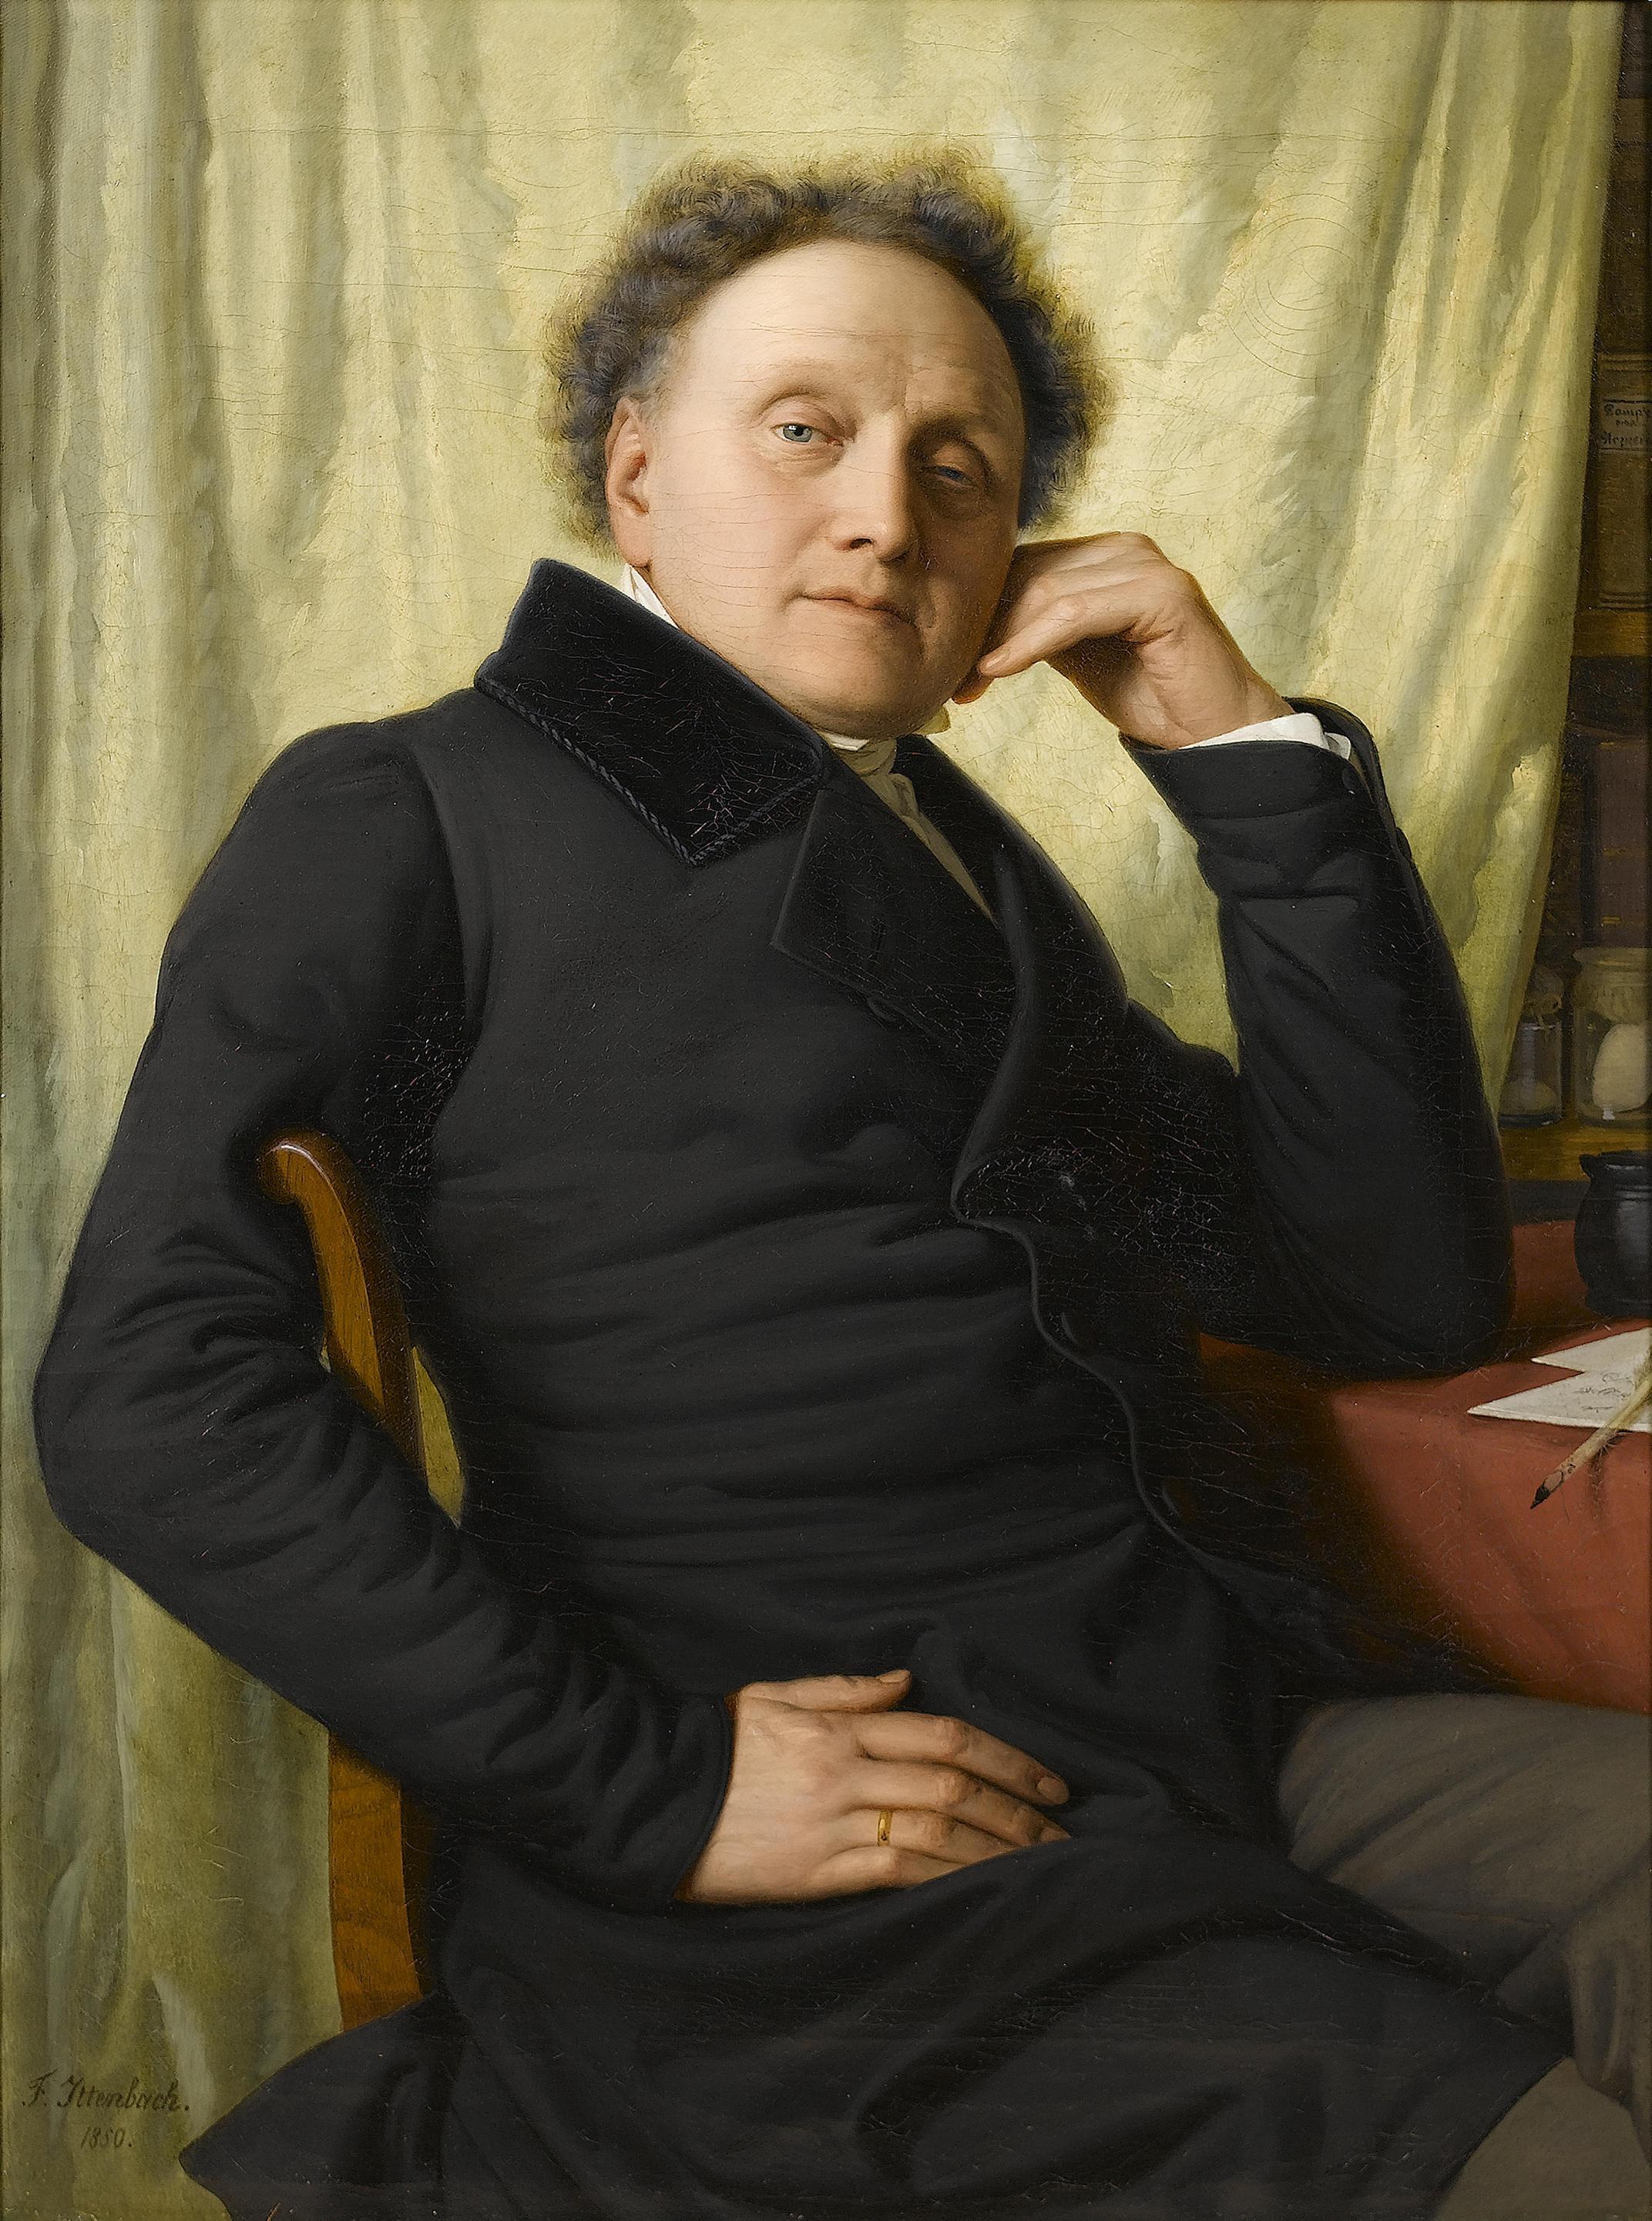 Franz_Ittenbach_Portrait_Soist_Franz_Xaver_1850.jpg (2144×2882)